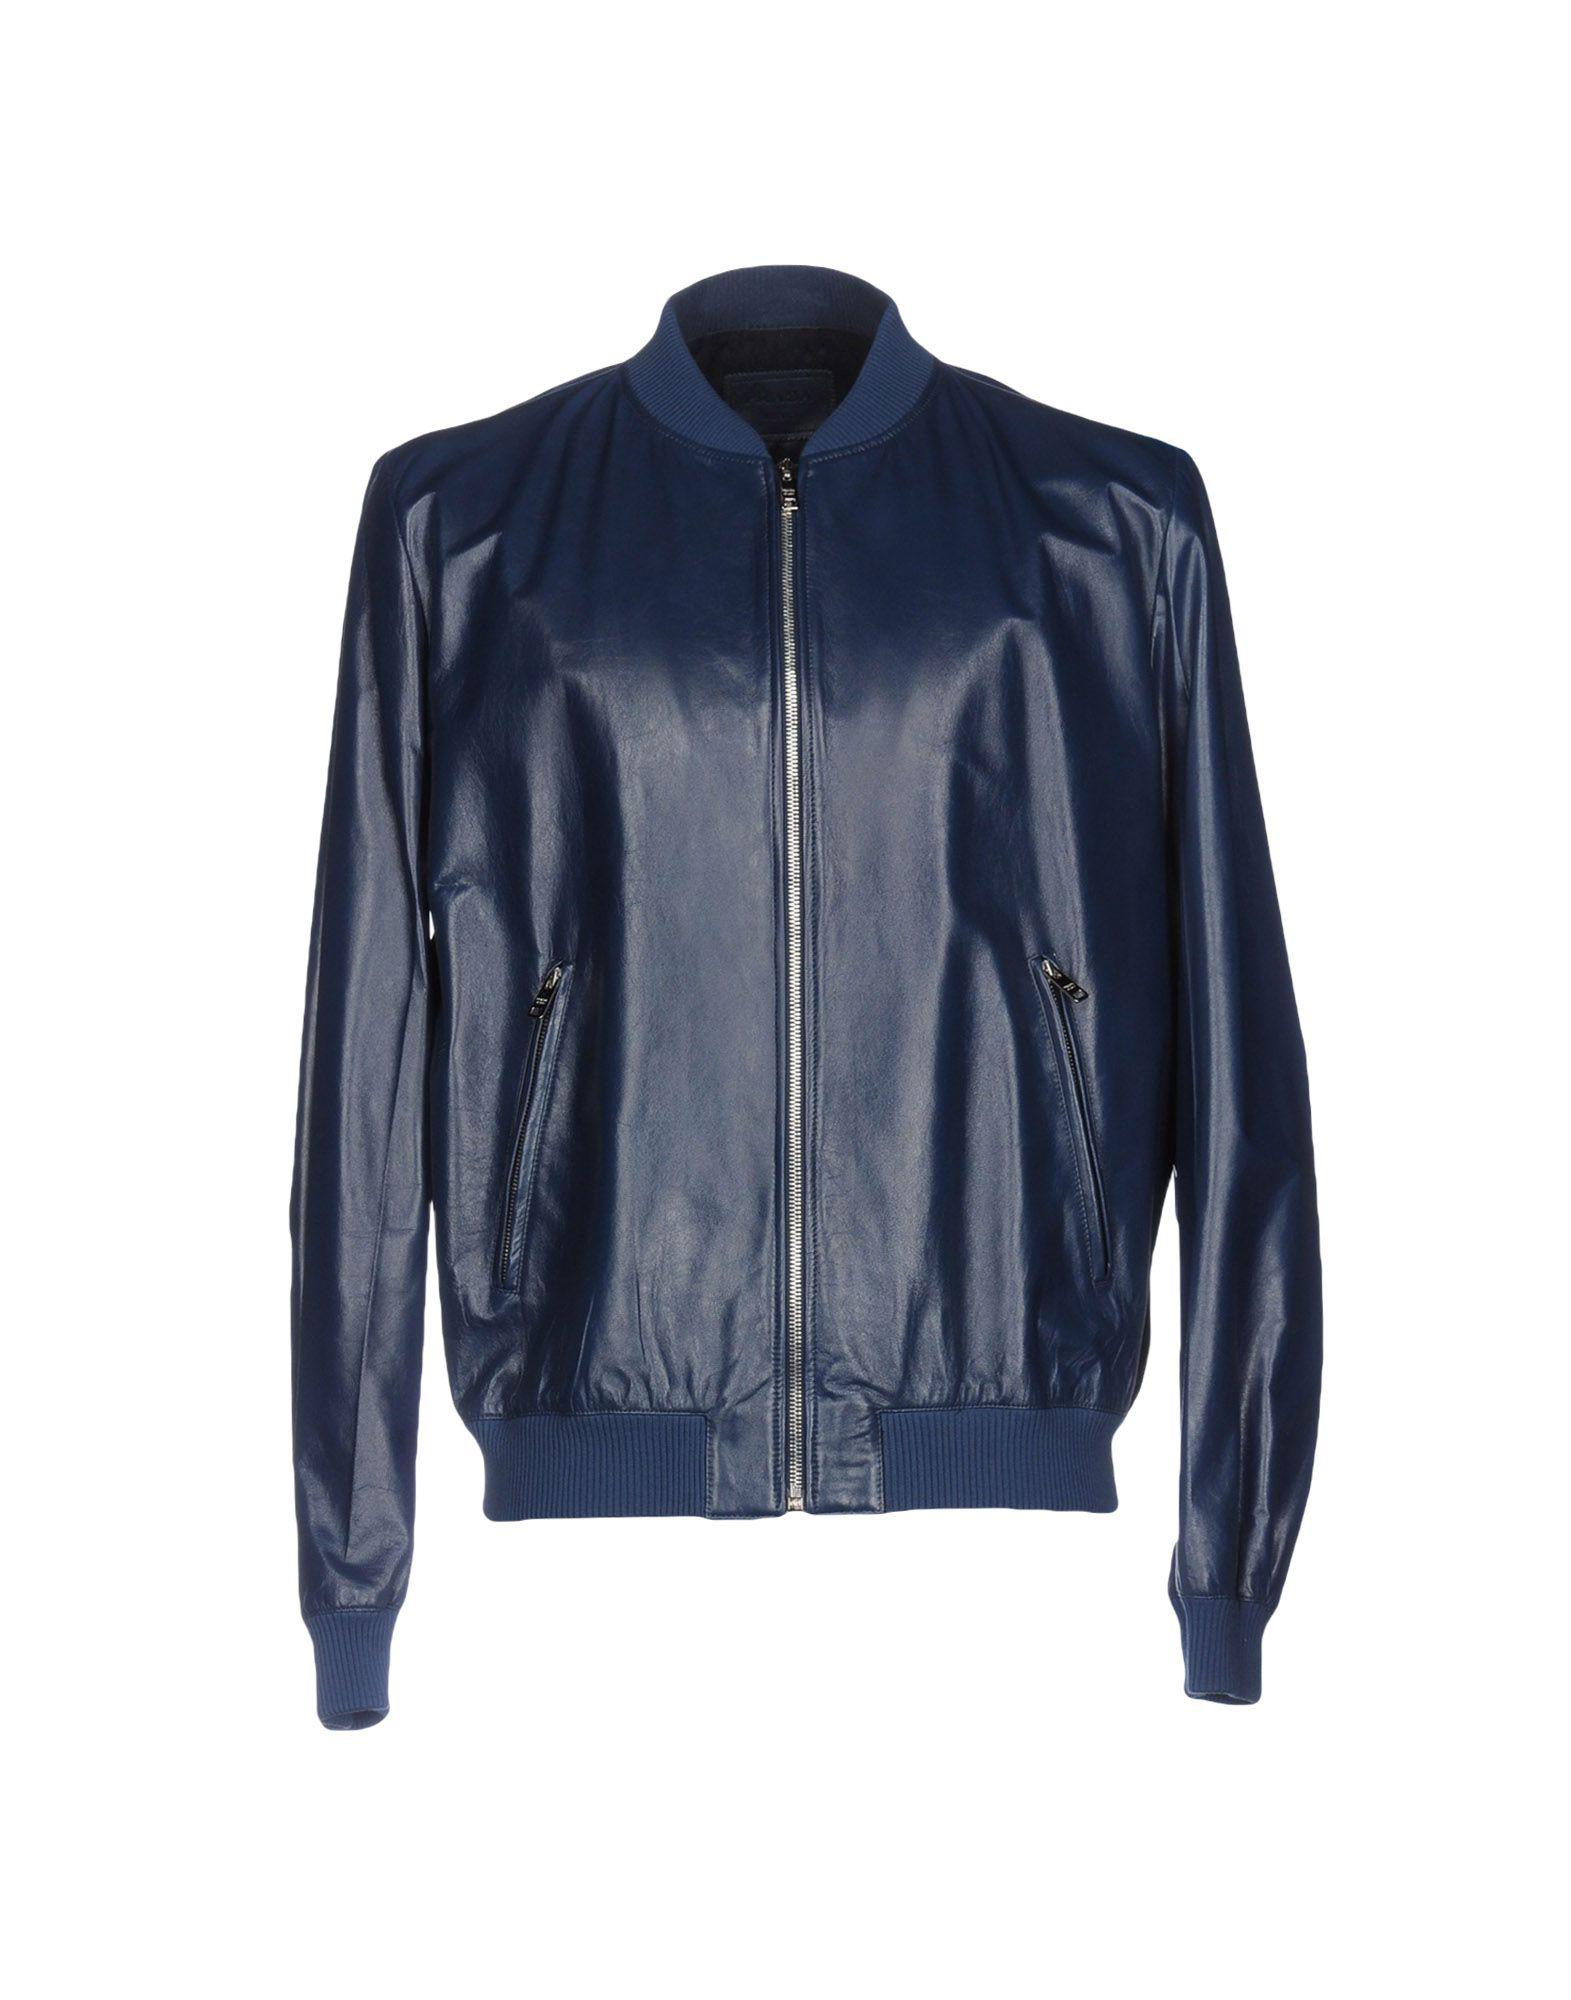 dca1bc14 PRADA Bomber - Coats & Jackets | YOOX.COM